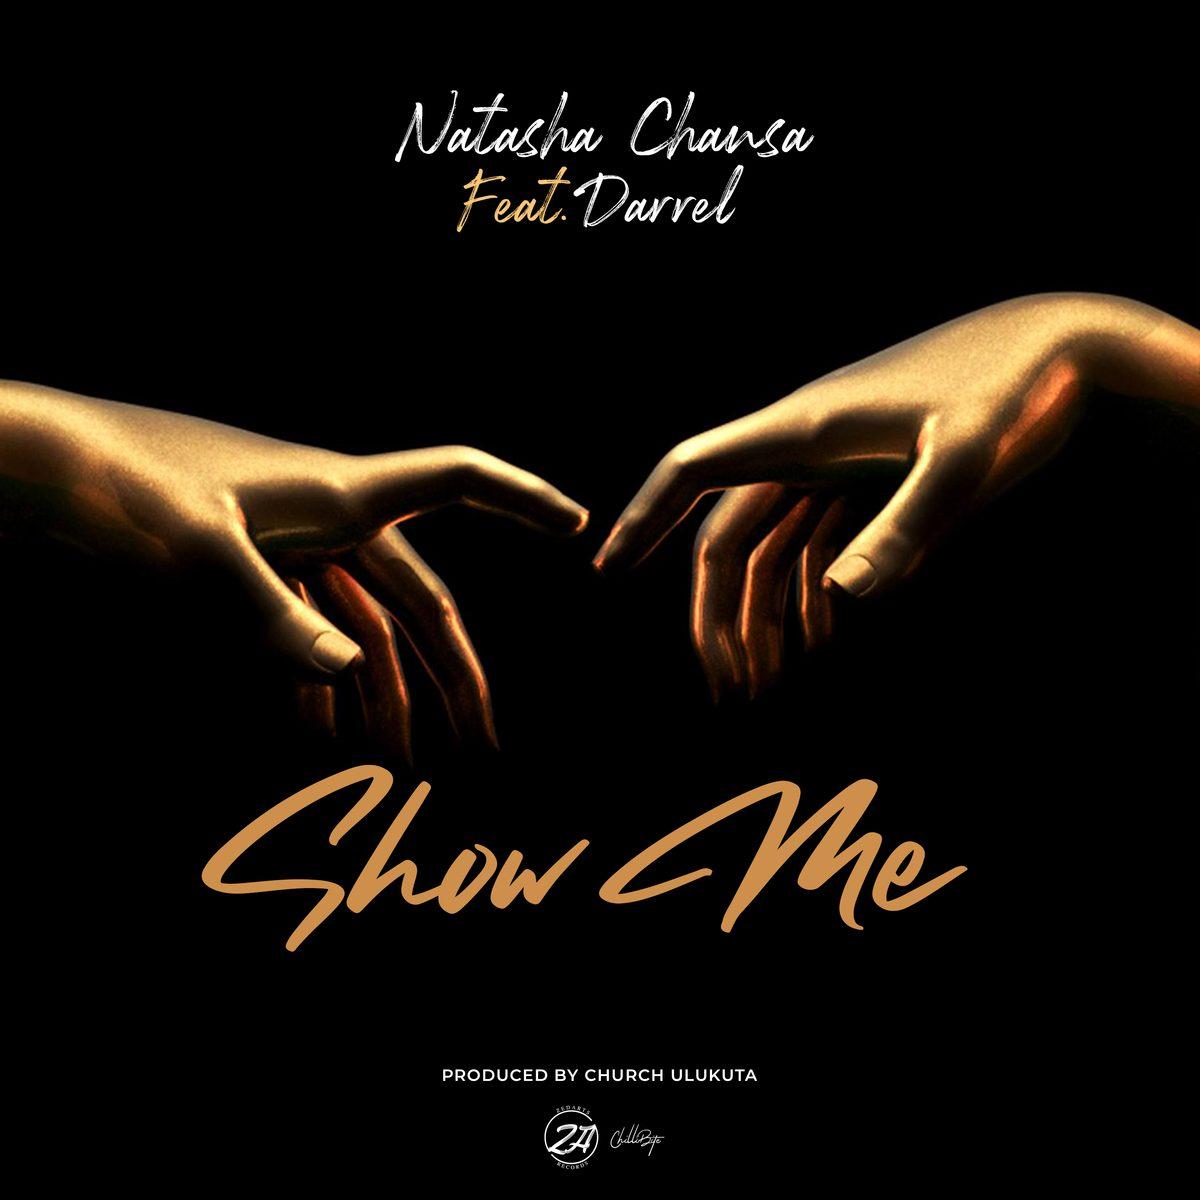 Natasha Chansa ft. Darrel - Show Me